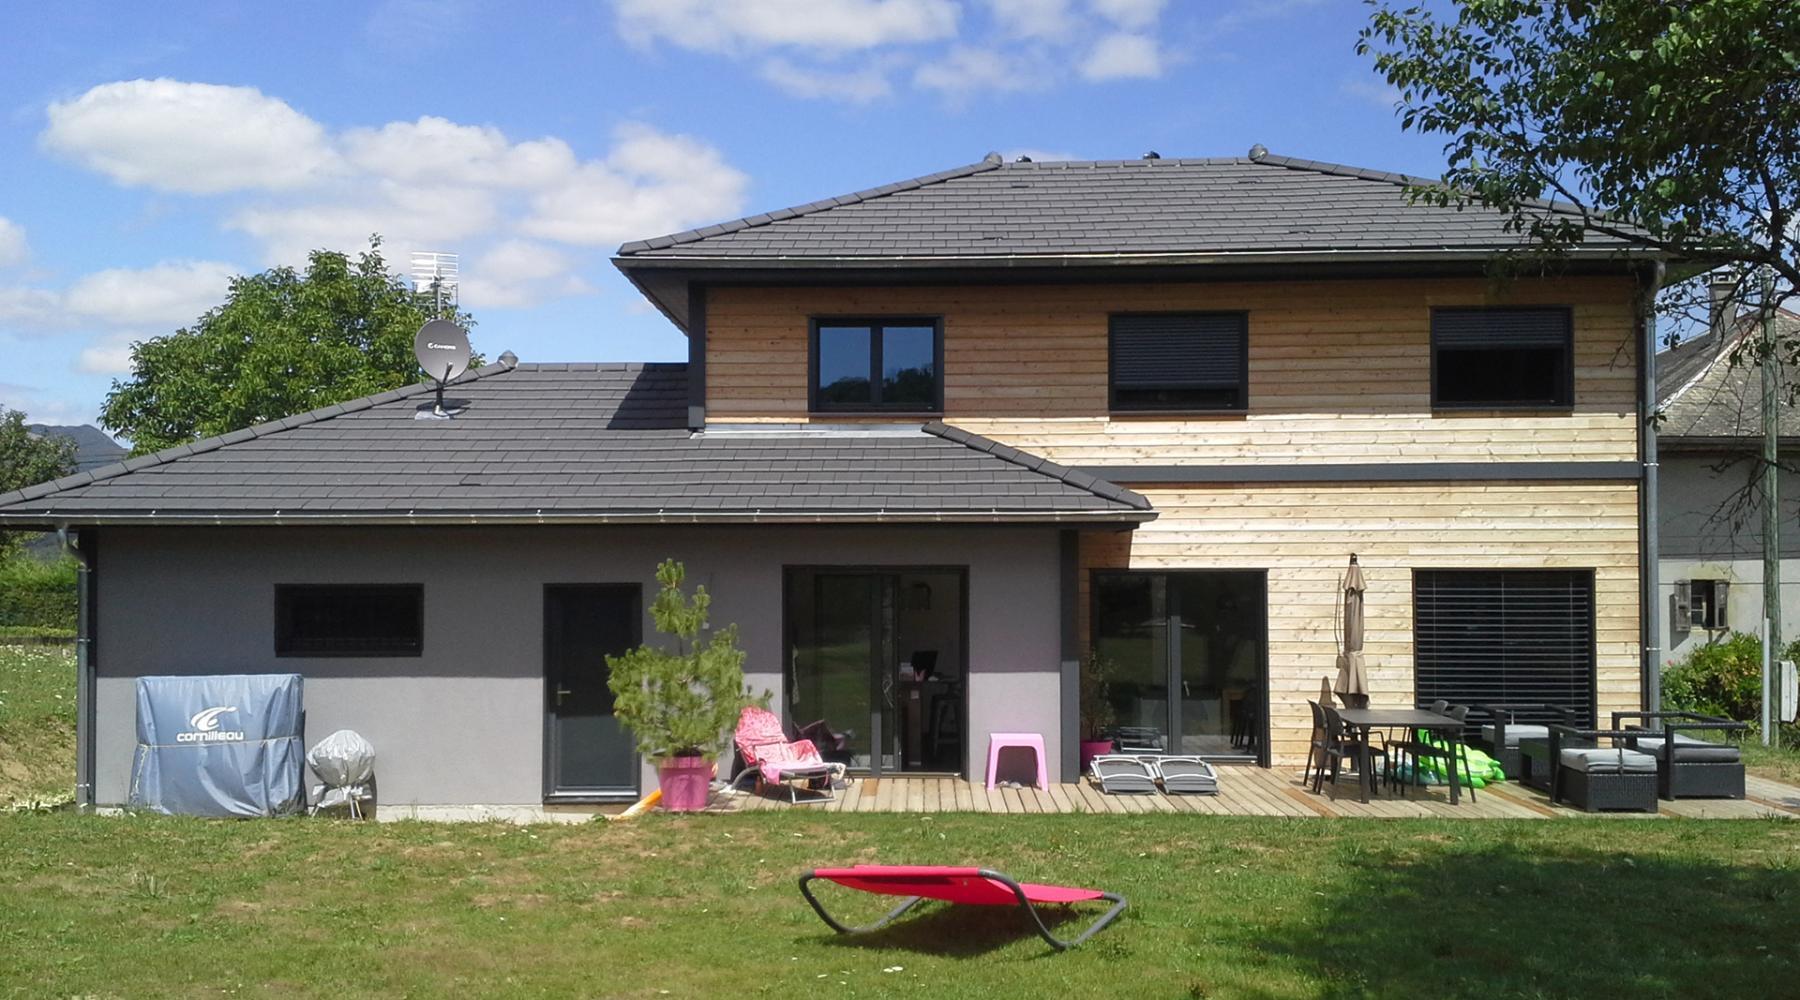 Maison En Bois Annecy projet cécile maison ossature bois - roch construction